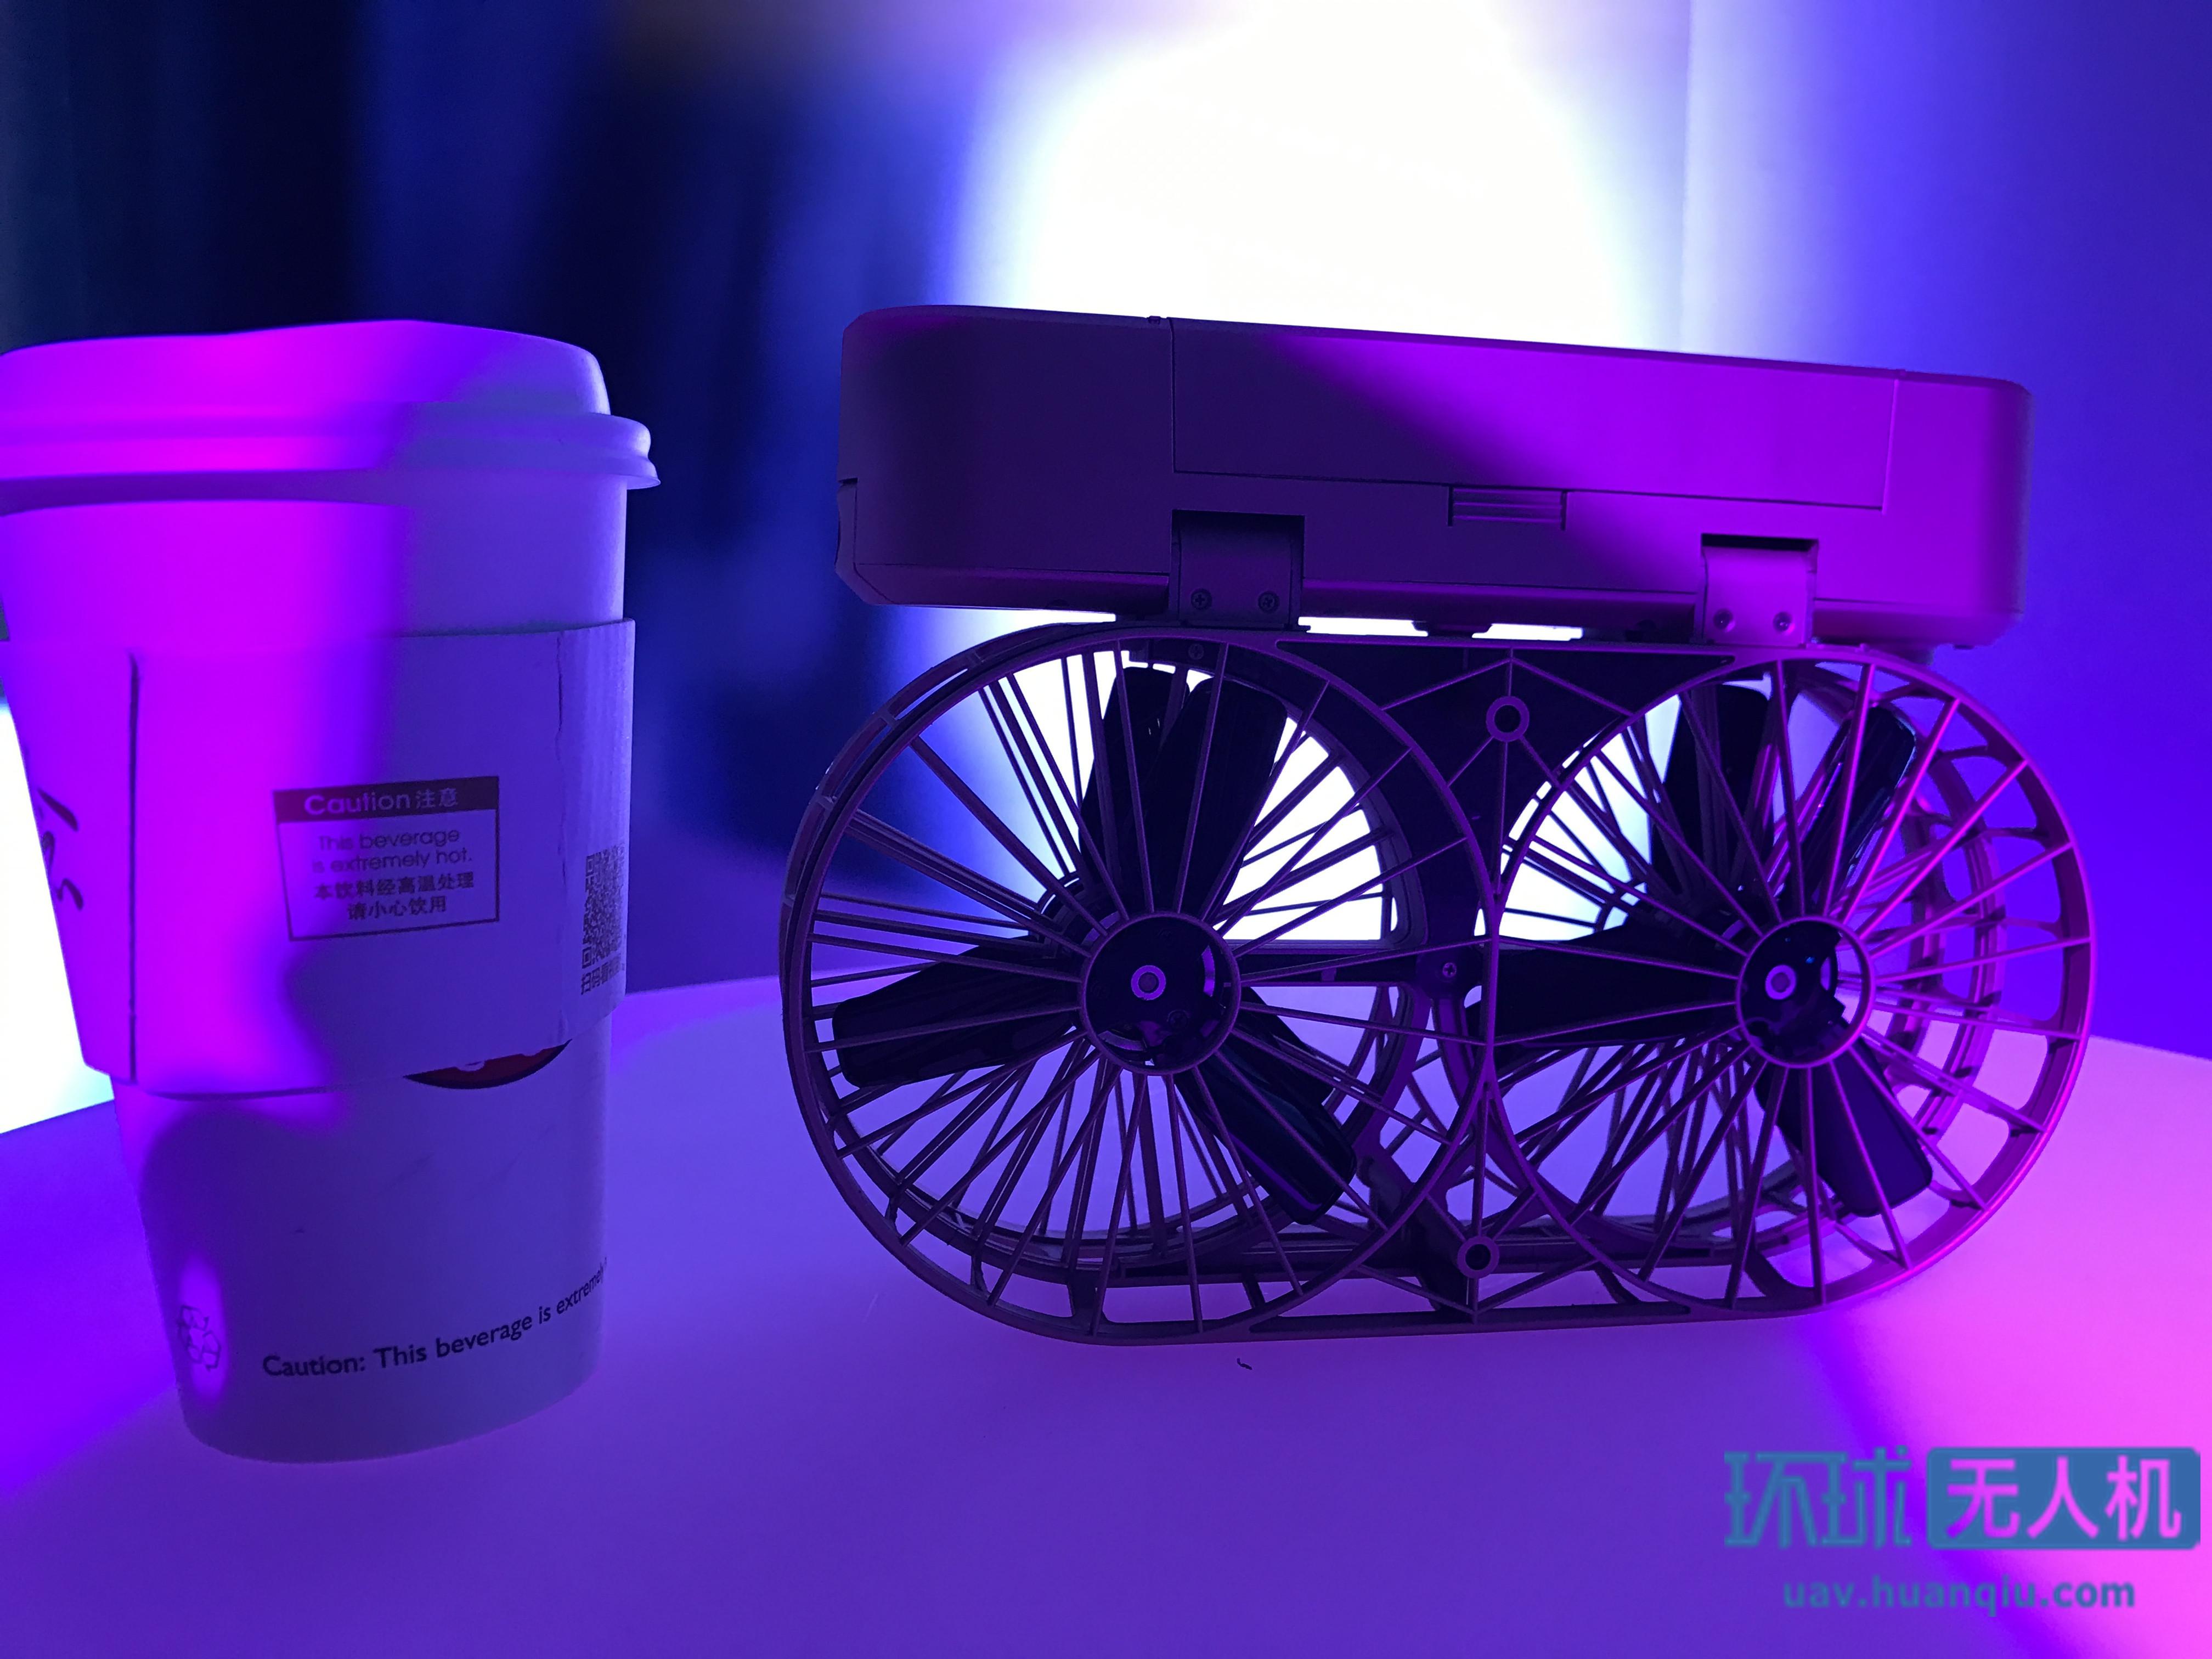 让科技融入生活,星图智控新品时光无人机发布